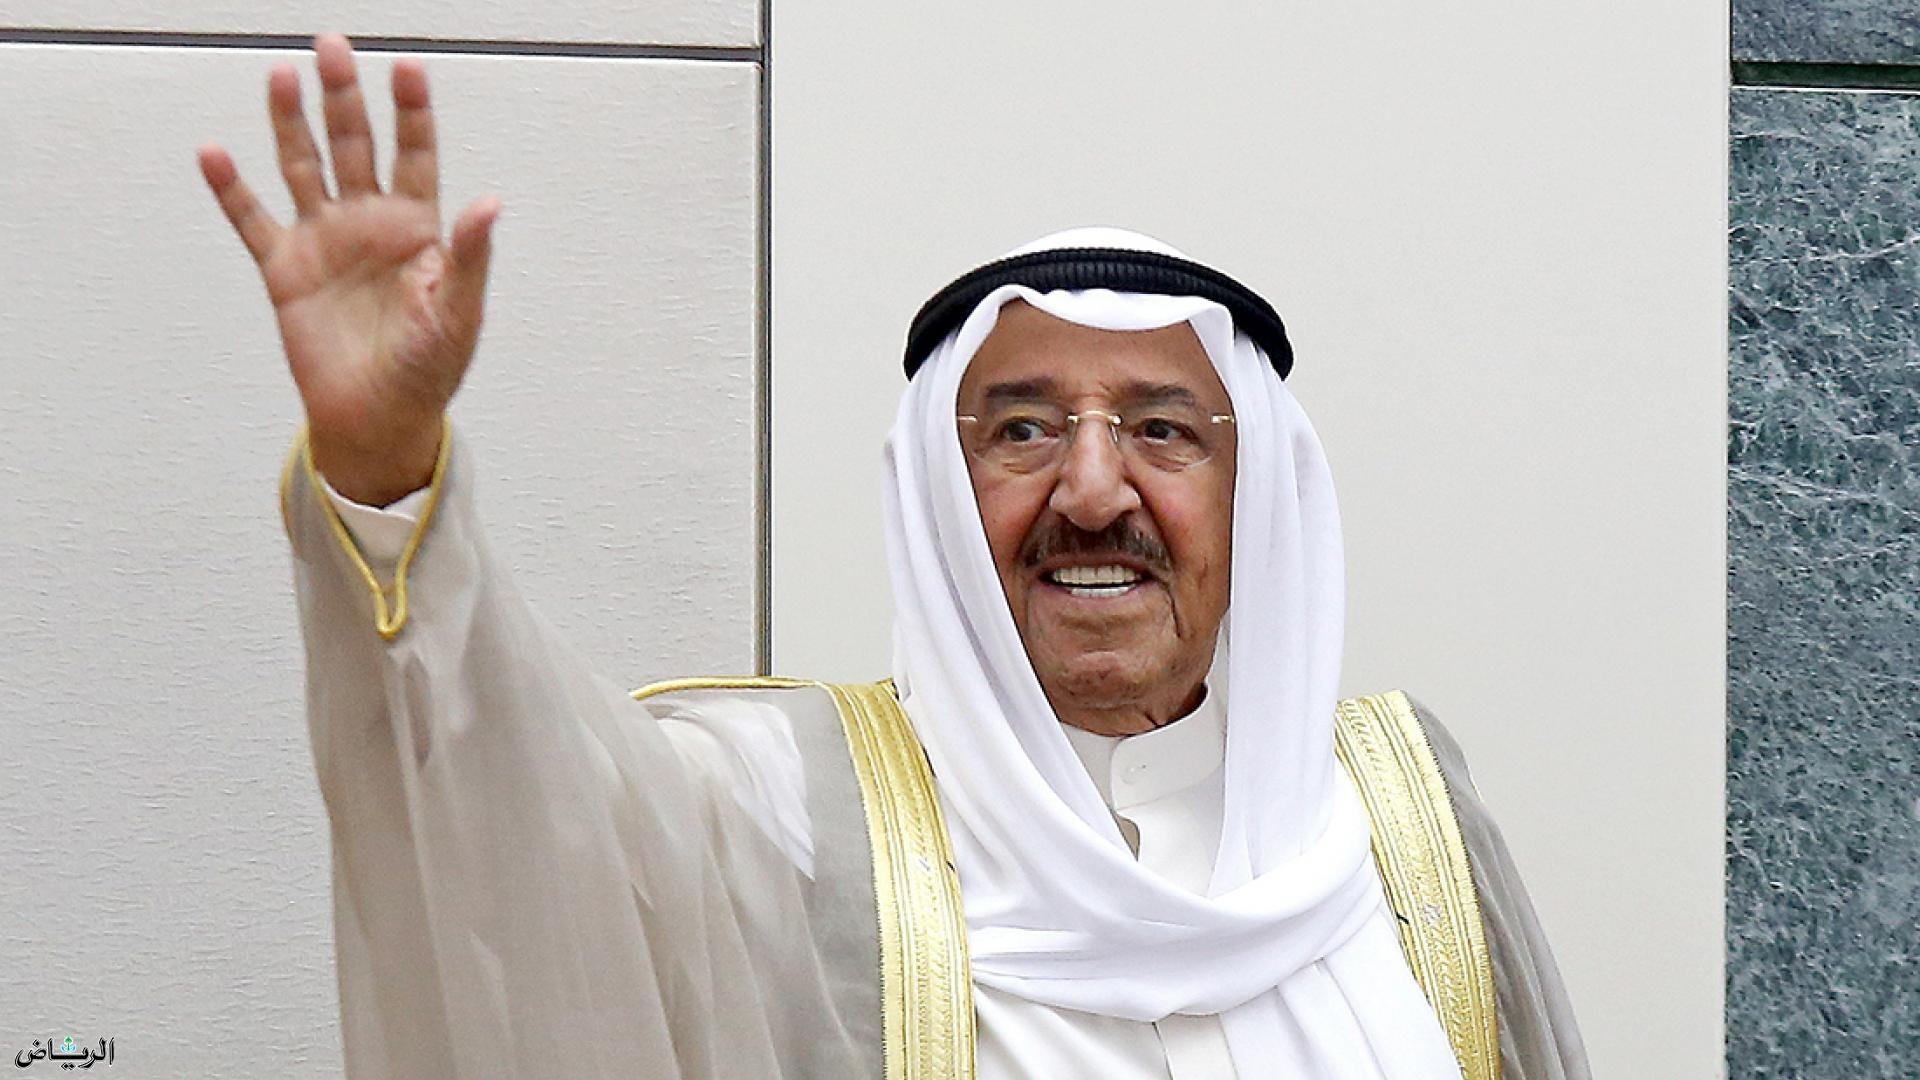 أمير الكويت يغادر البلاد لاستكمال العلاج في الولايات المتحدة